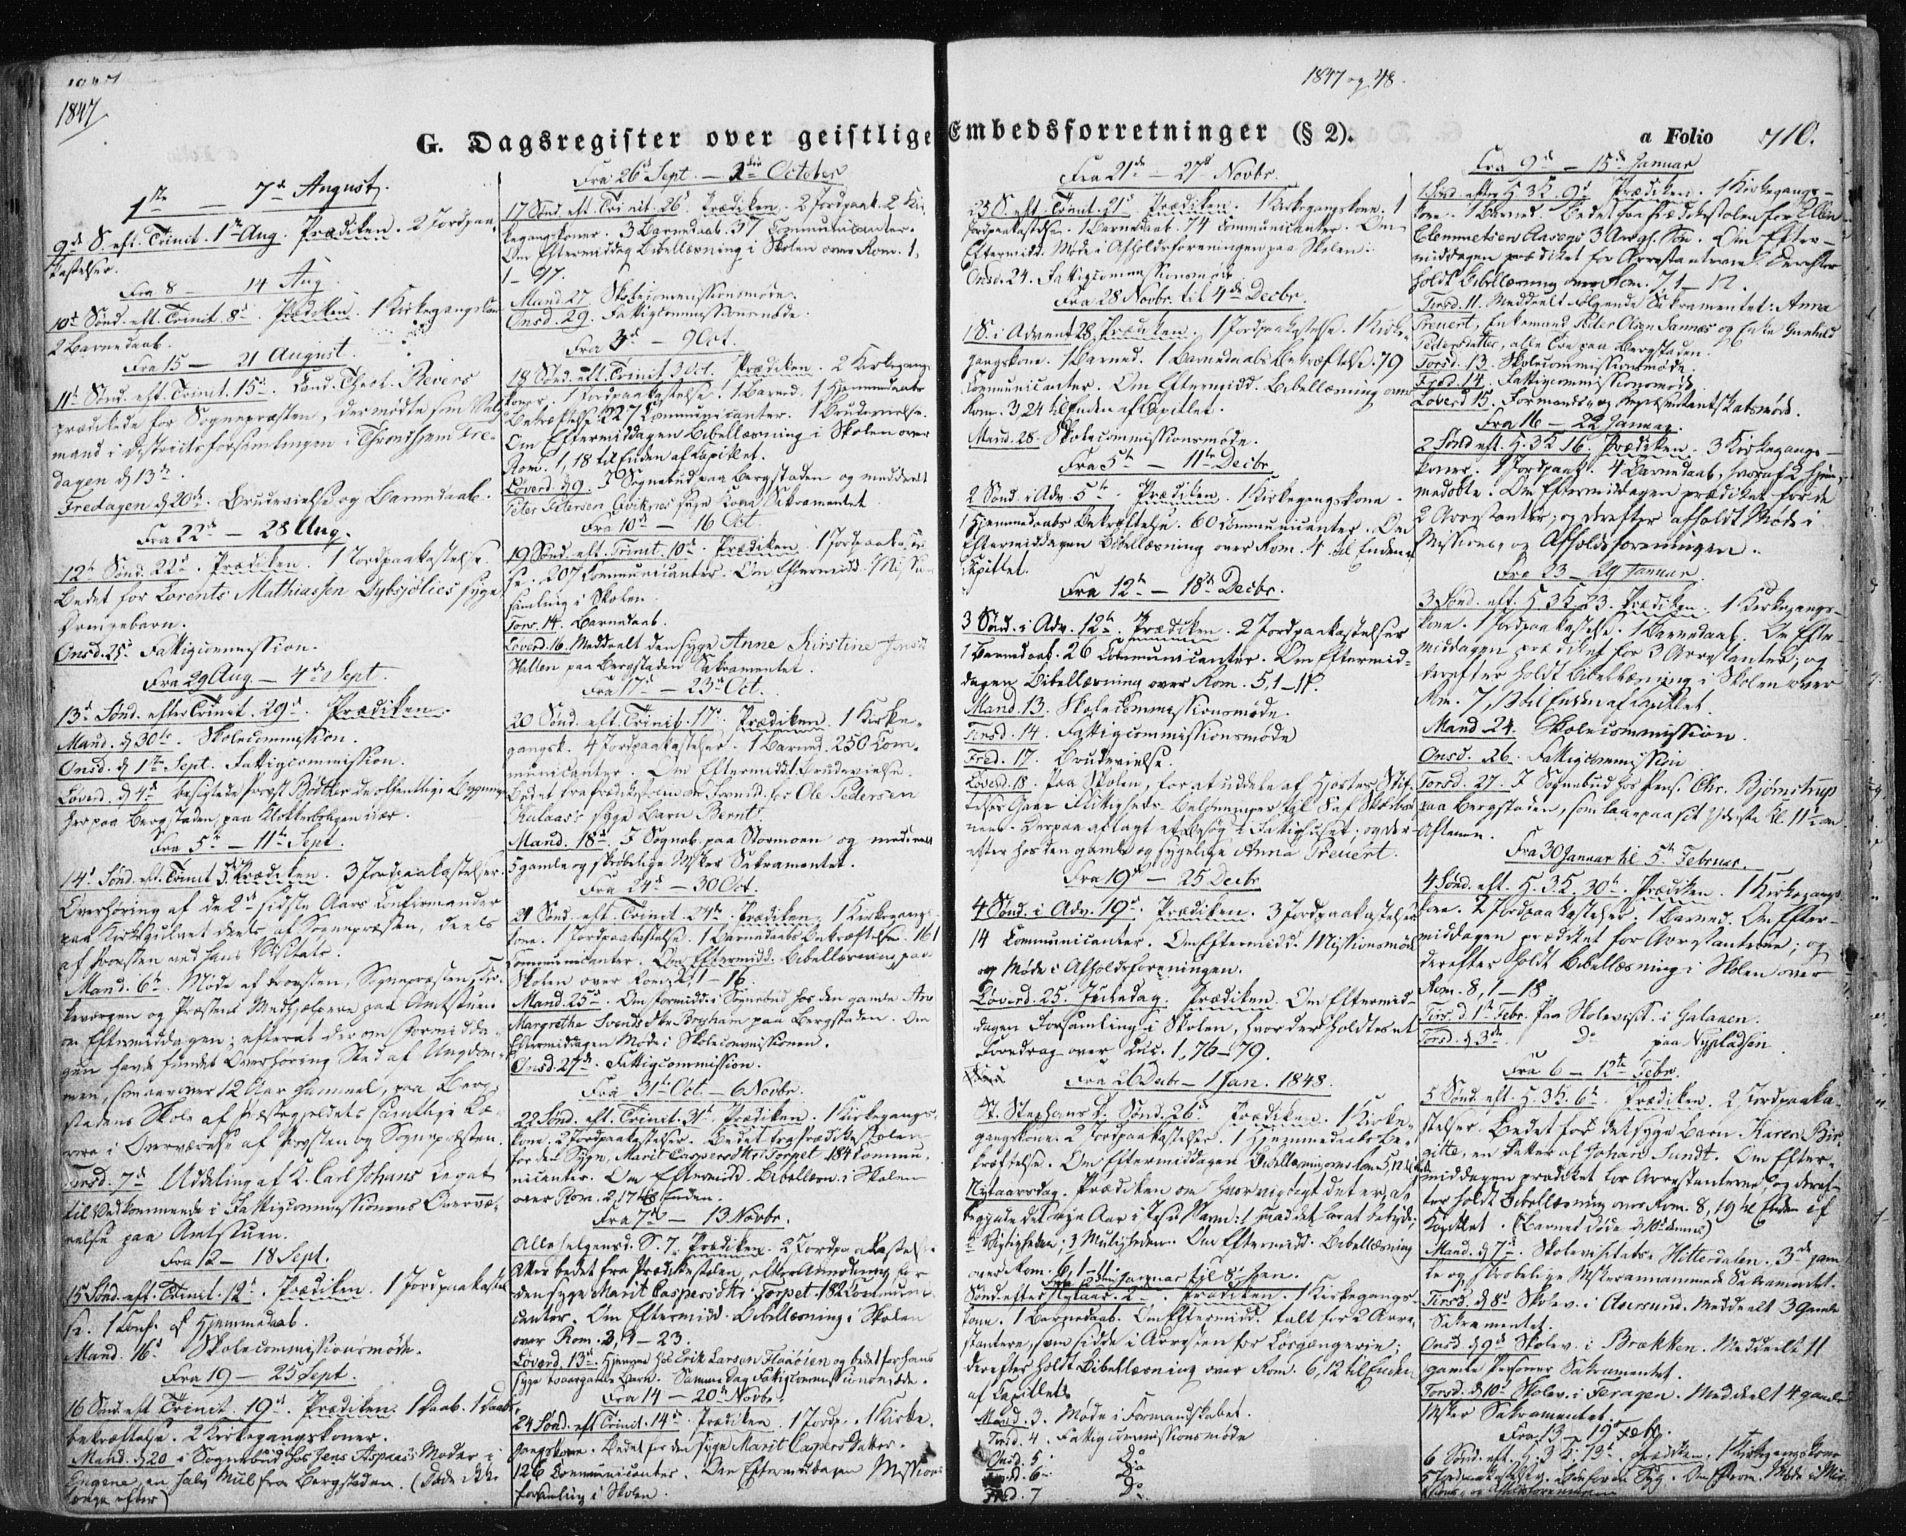 SAT, Ministerialprotokoller, klokkerbøker og fødselsregistre - Sør-Trøndelag, 681/L0931: Ministerialbok nr. 681A09, 1845-1859, s. 710